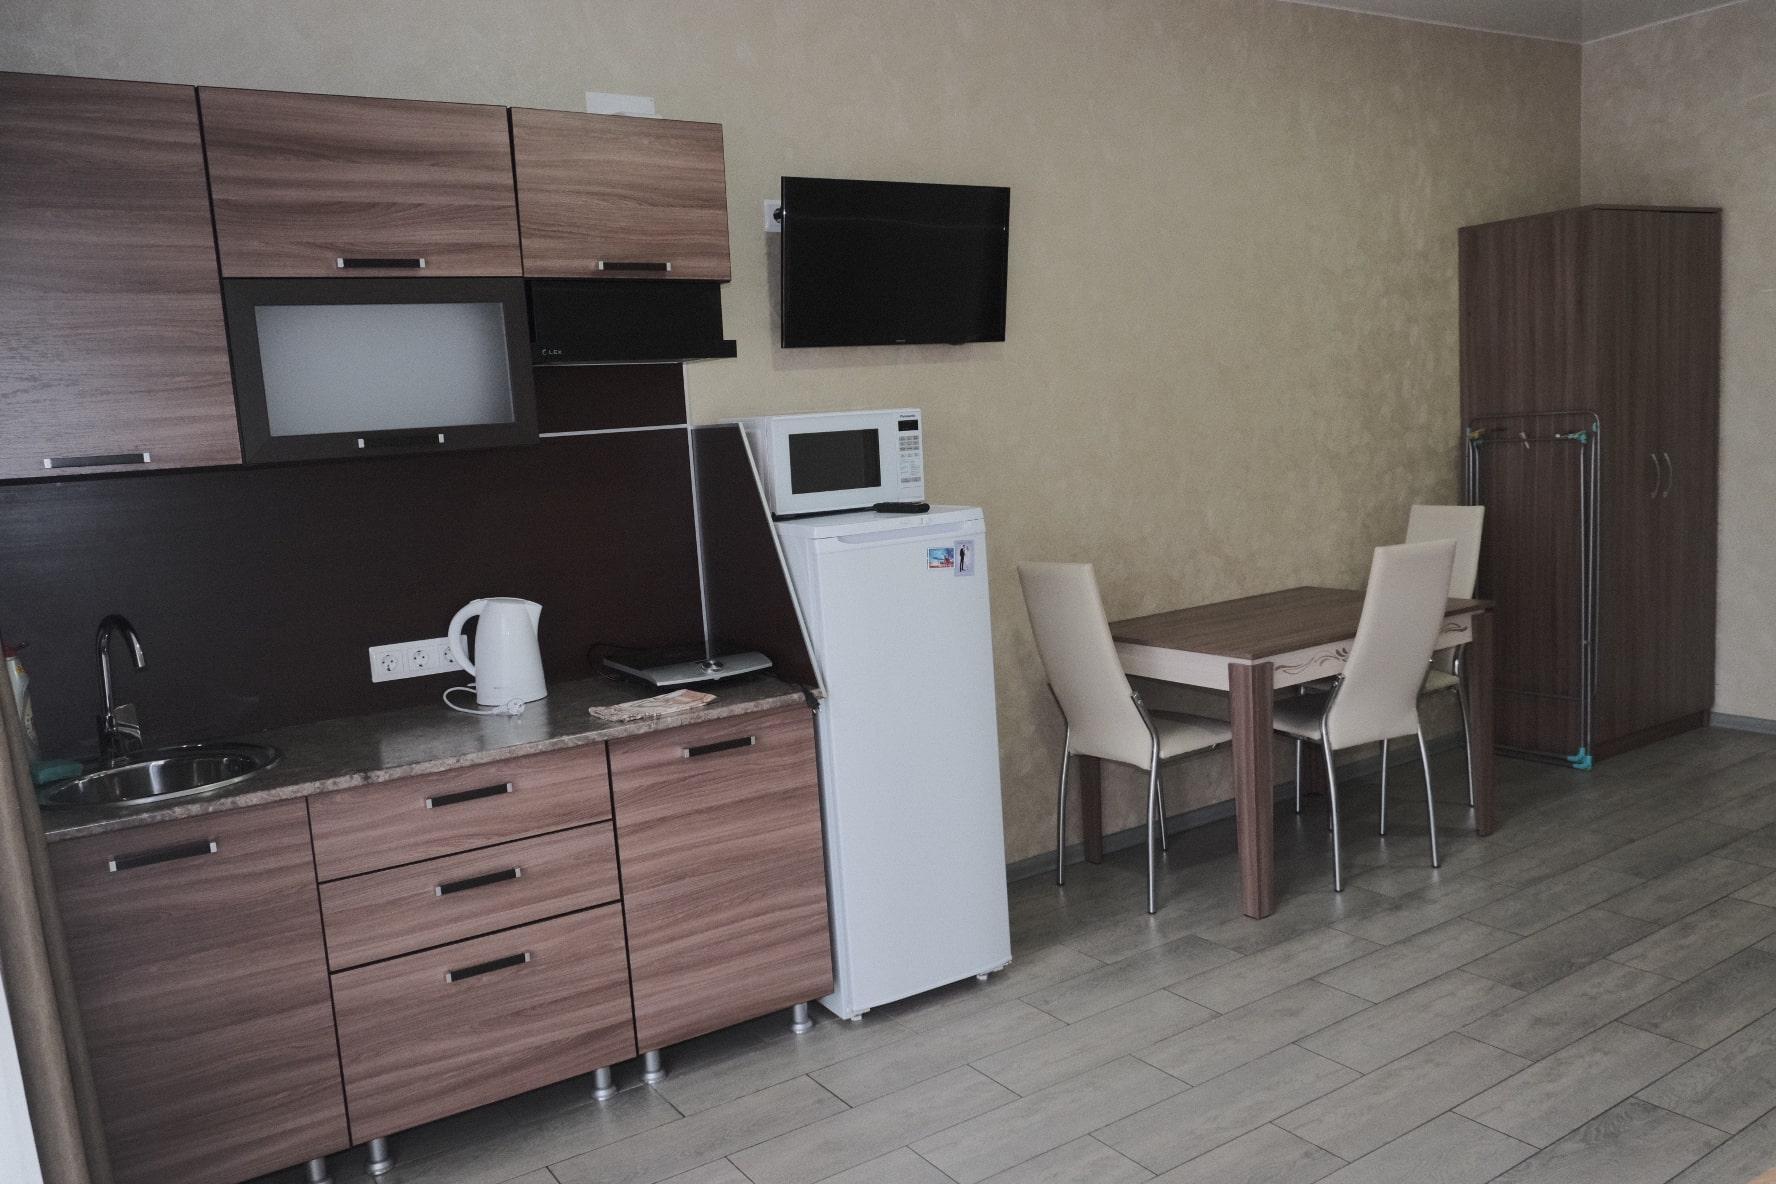 Продаётся гостевой дом у моря 483 м2 - image 94347a7e-79bd-4b5a-88b6-0dbf8176fa09-831-0000007e3fe2b3aa-min on https://bizneskvartal.ru